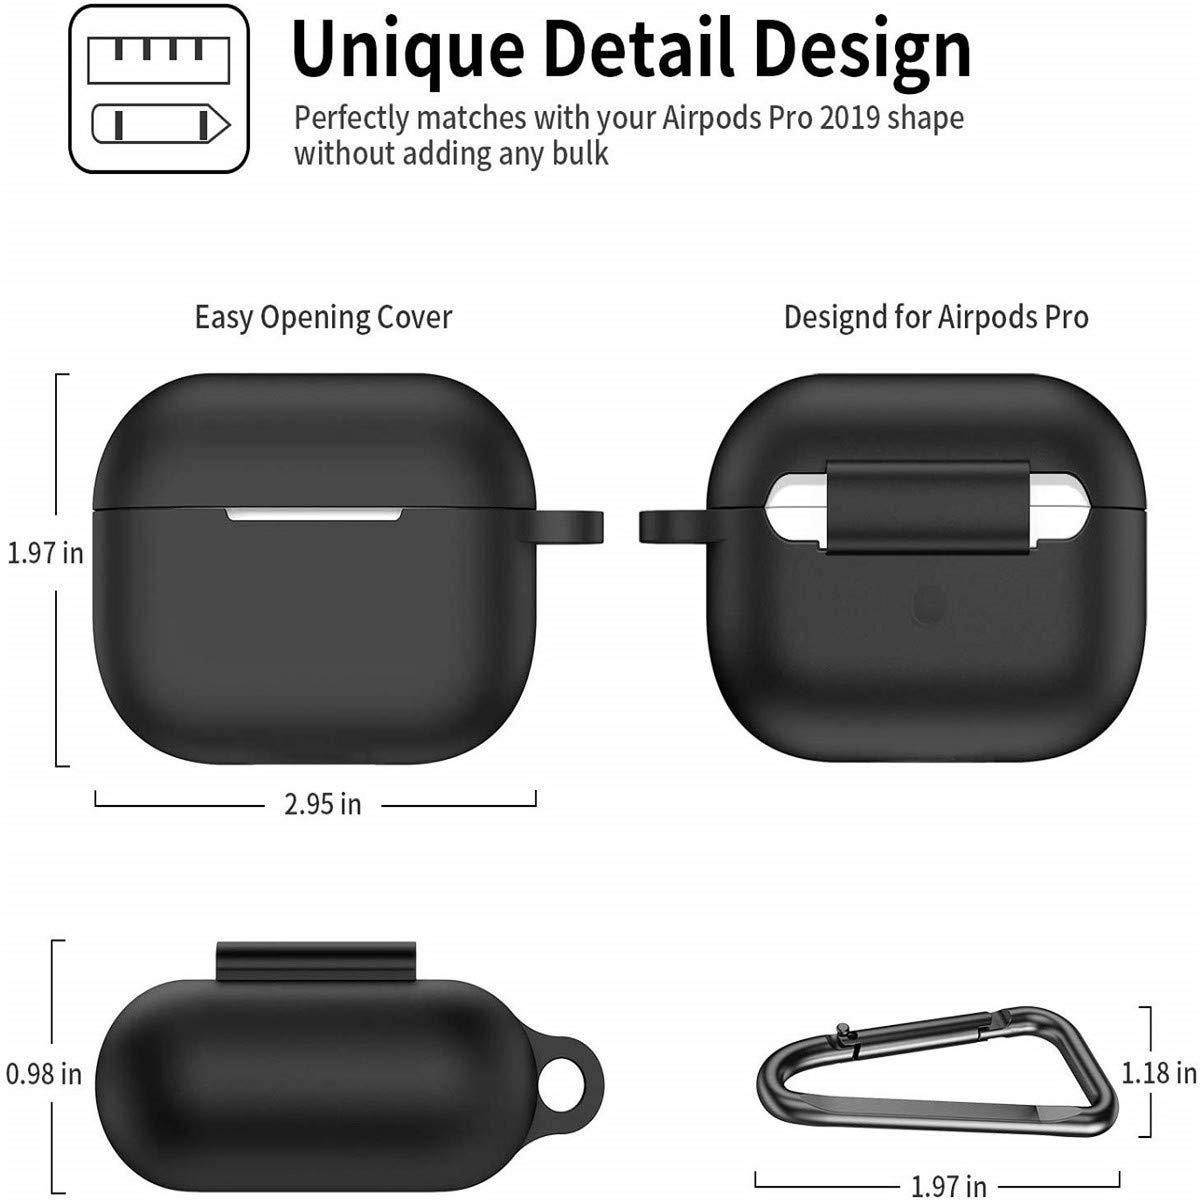 Sto/ßfeste Schutzh/ülle Tragbares Case mit Karabiner LED an der Frontseite Sichtbar Unterst/ützt kabelloses Laden -Schwarz Aerku Silikon H/ülle kompatibel mit AirPods Pro 2019